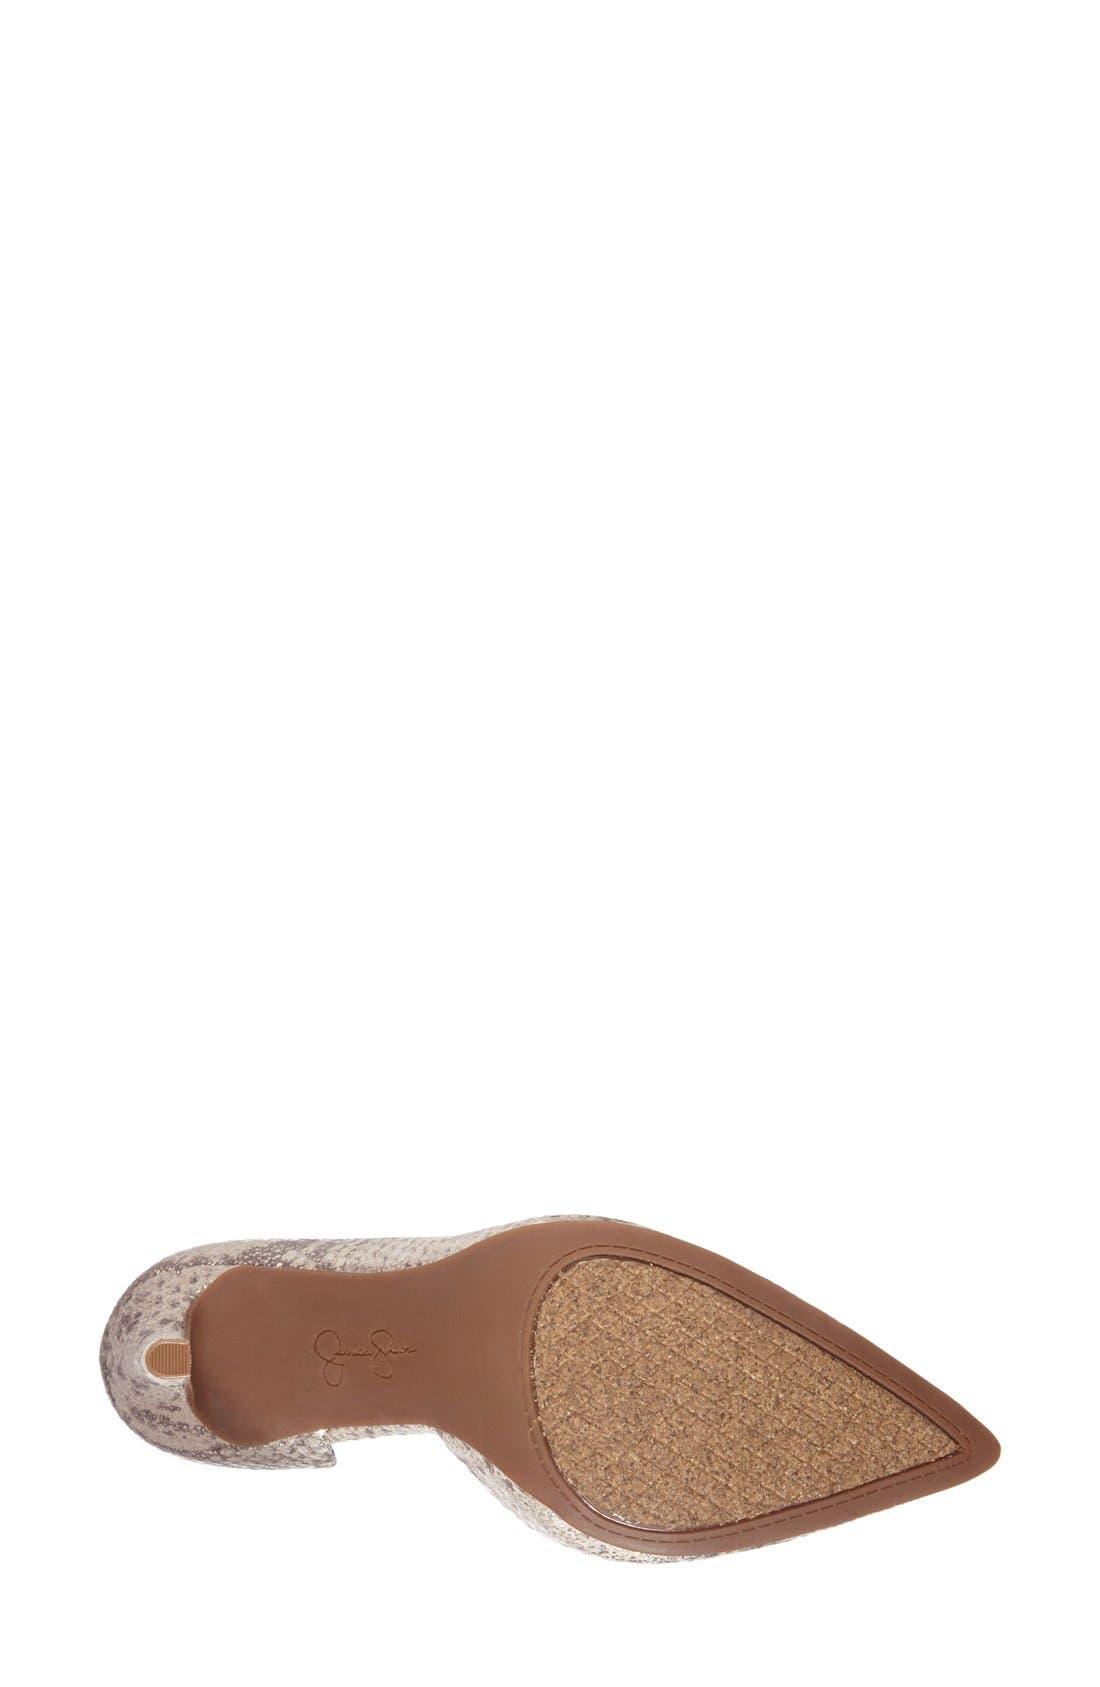 'Claudette' Half d'Orsay Pump,                             Alternate thumbnail 4, color,                             Natural/ Gold